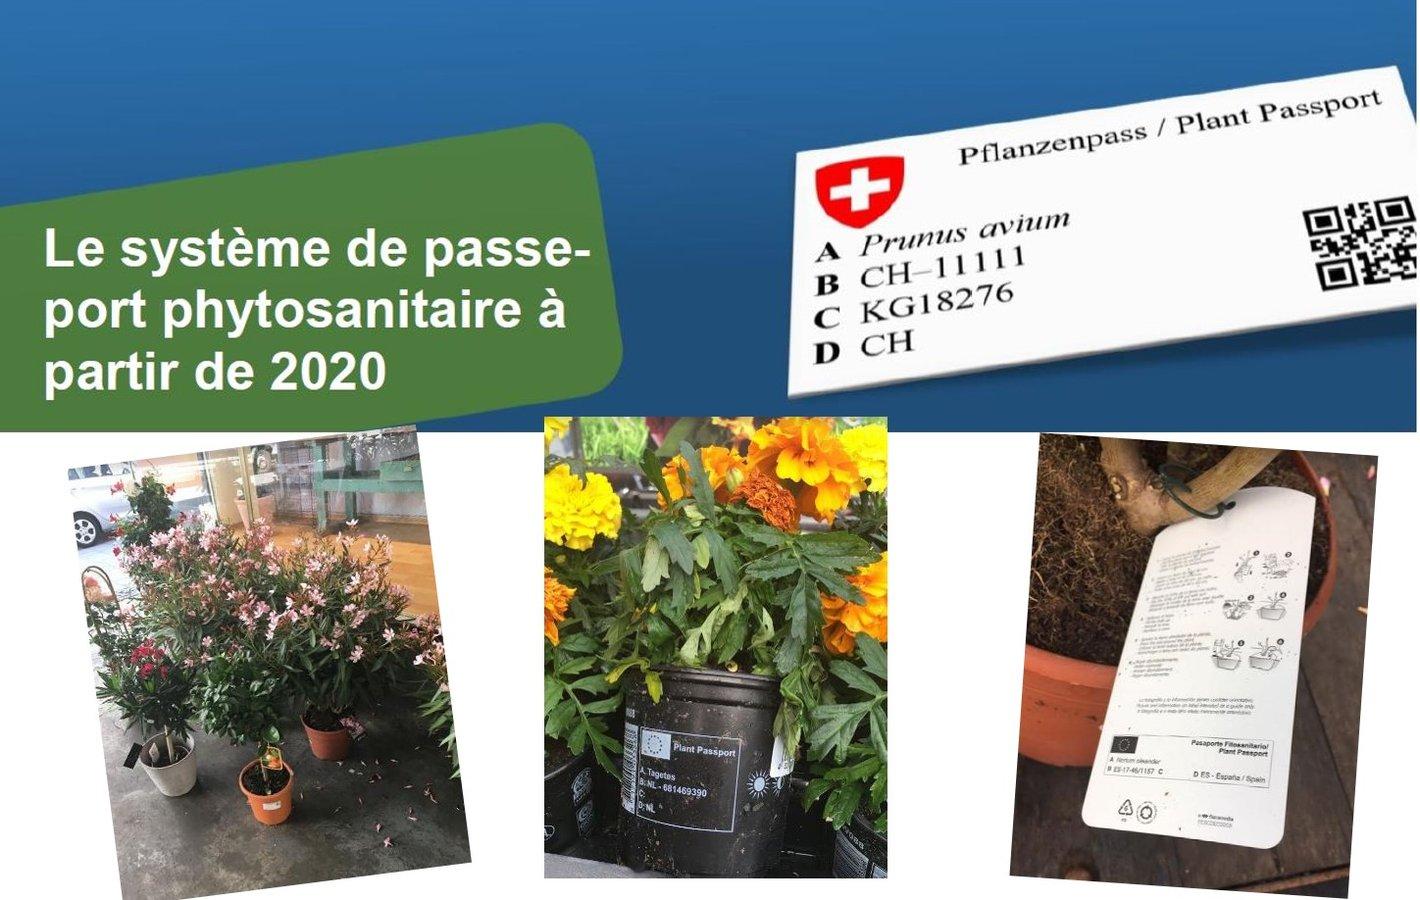 Noueveau système passeport phytosanitaire 2020